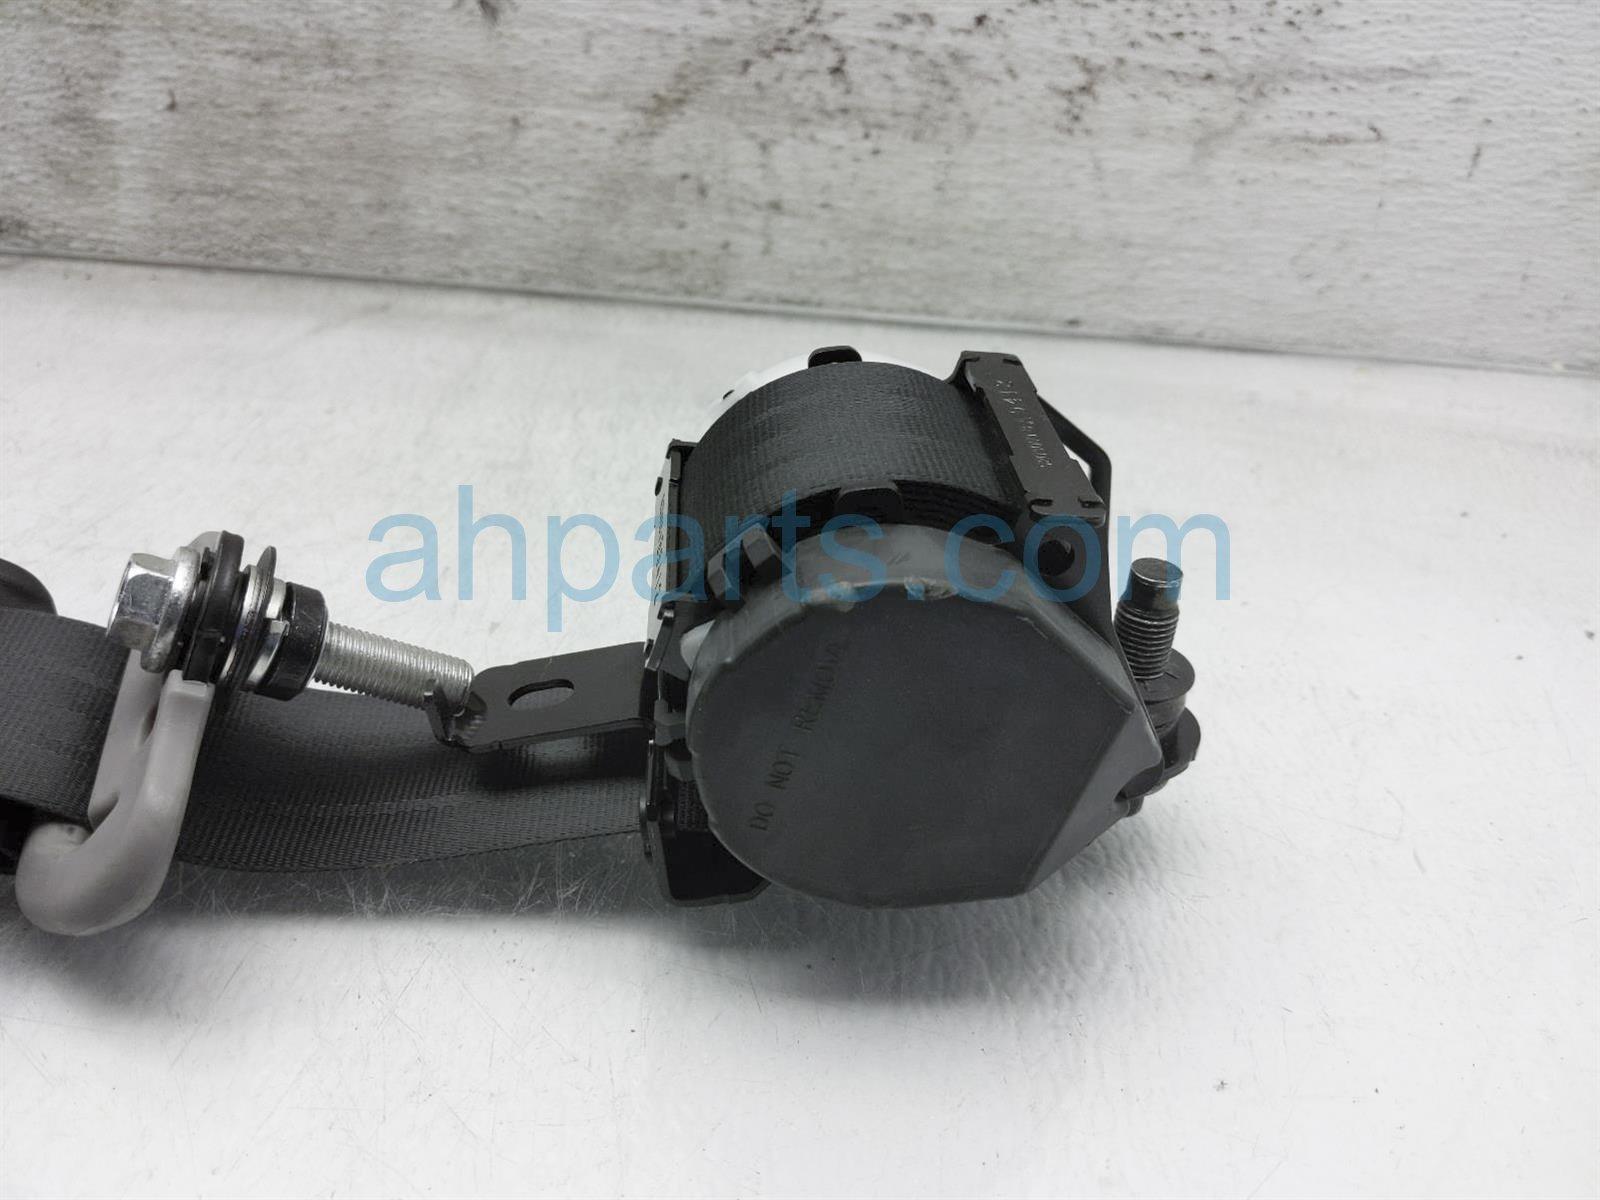 2019 Honda Pilot Rear 2nd Row Passenger Seat Belt   Black 04864 TG7 A21ZB Replacement